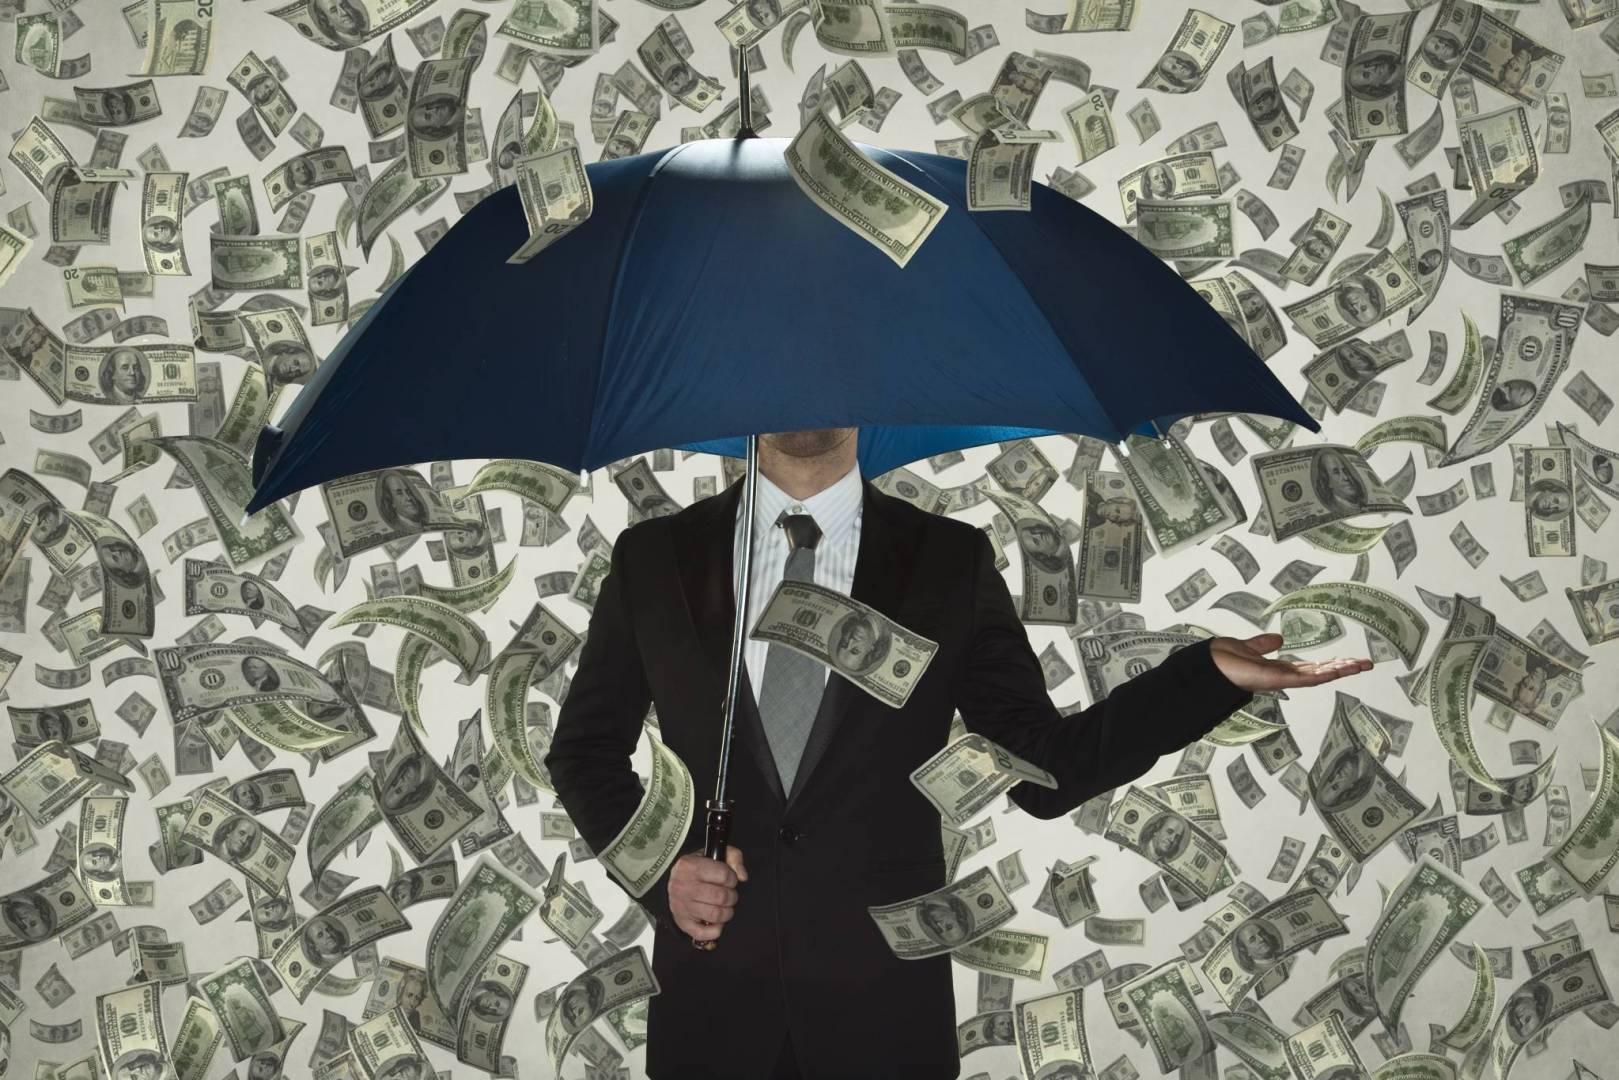 بلومبيرغ: ثروات 500 ملياردير حول العالم زادت 1.2 تريليون دولار